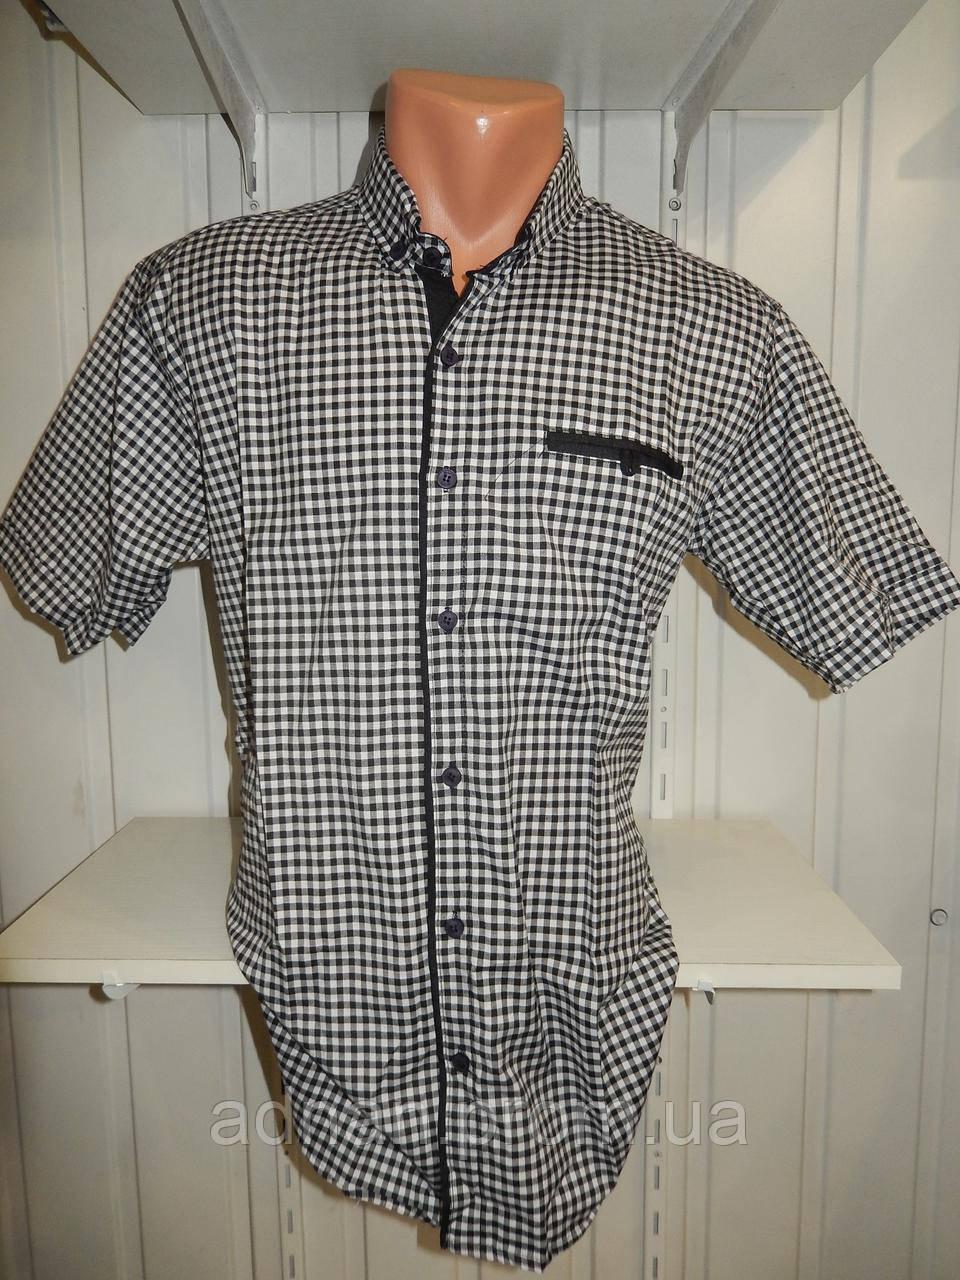 Рубашка мужская  SENATO полу-батал стрейч мелкая клетка 16.04 001 \ купить рубашку оптом.